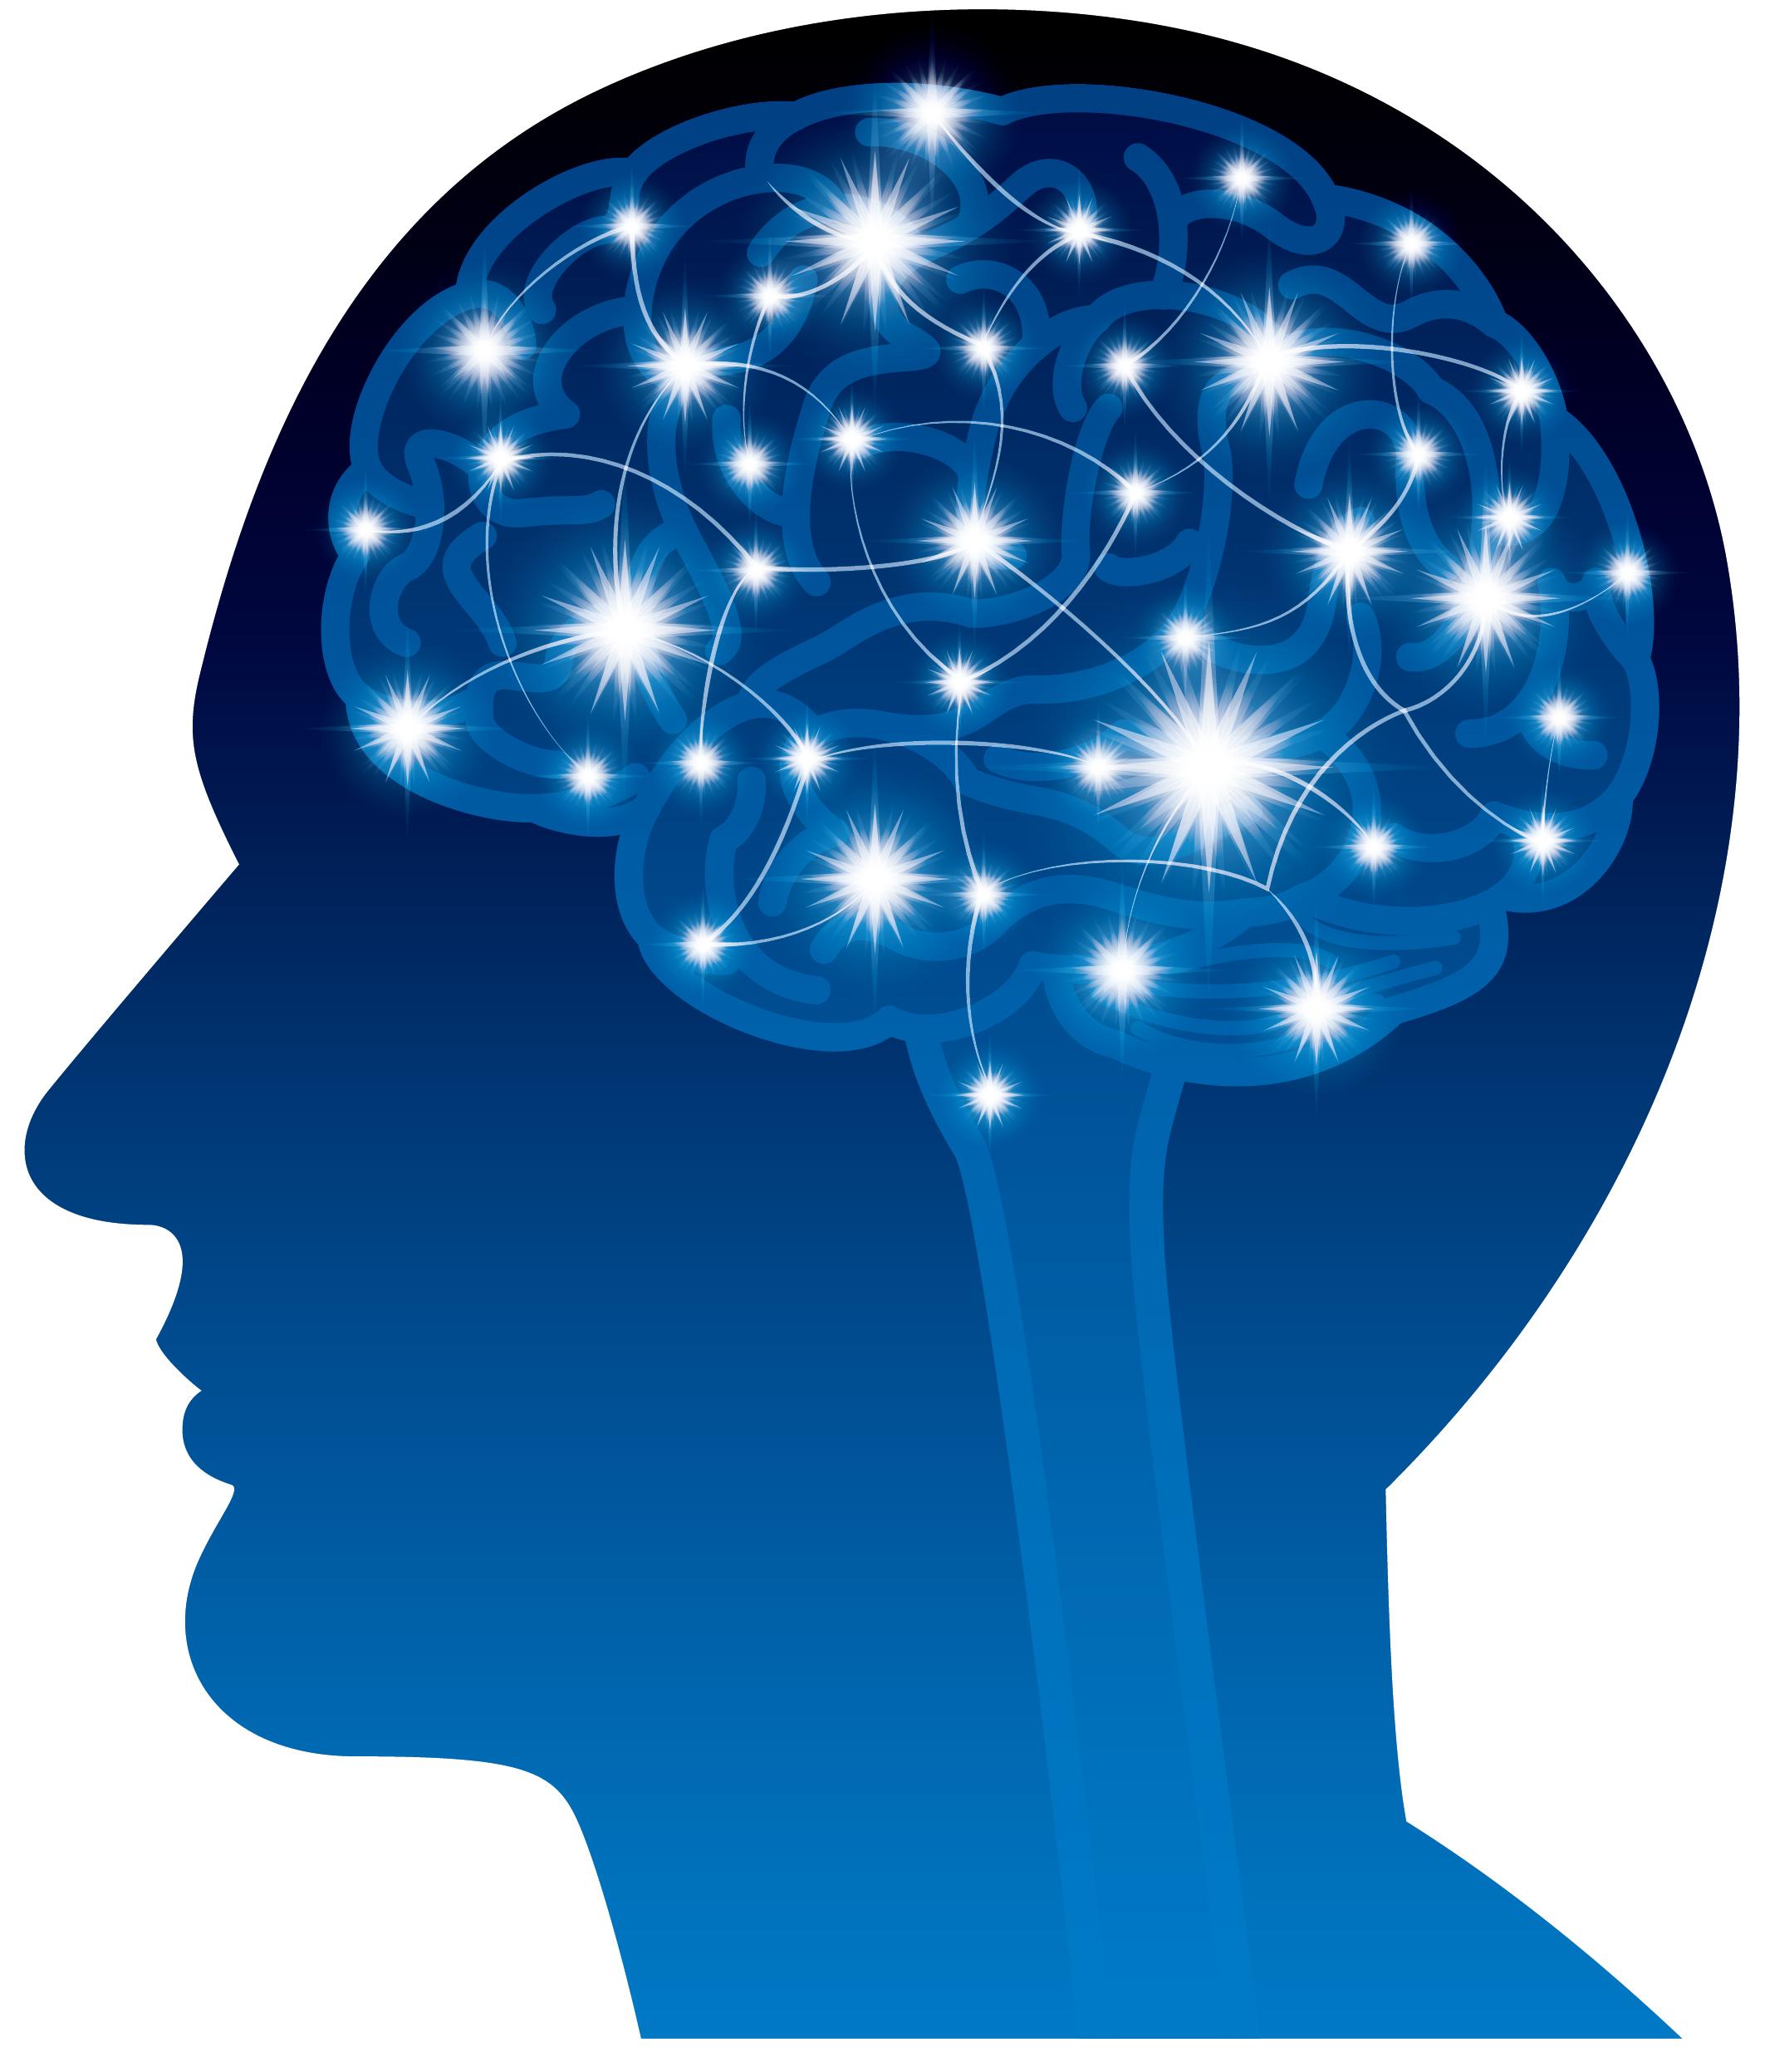 一聞いて十理解する人の特徴!脳を活性化させよう